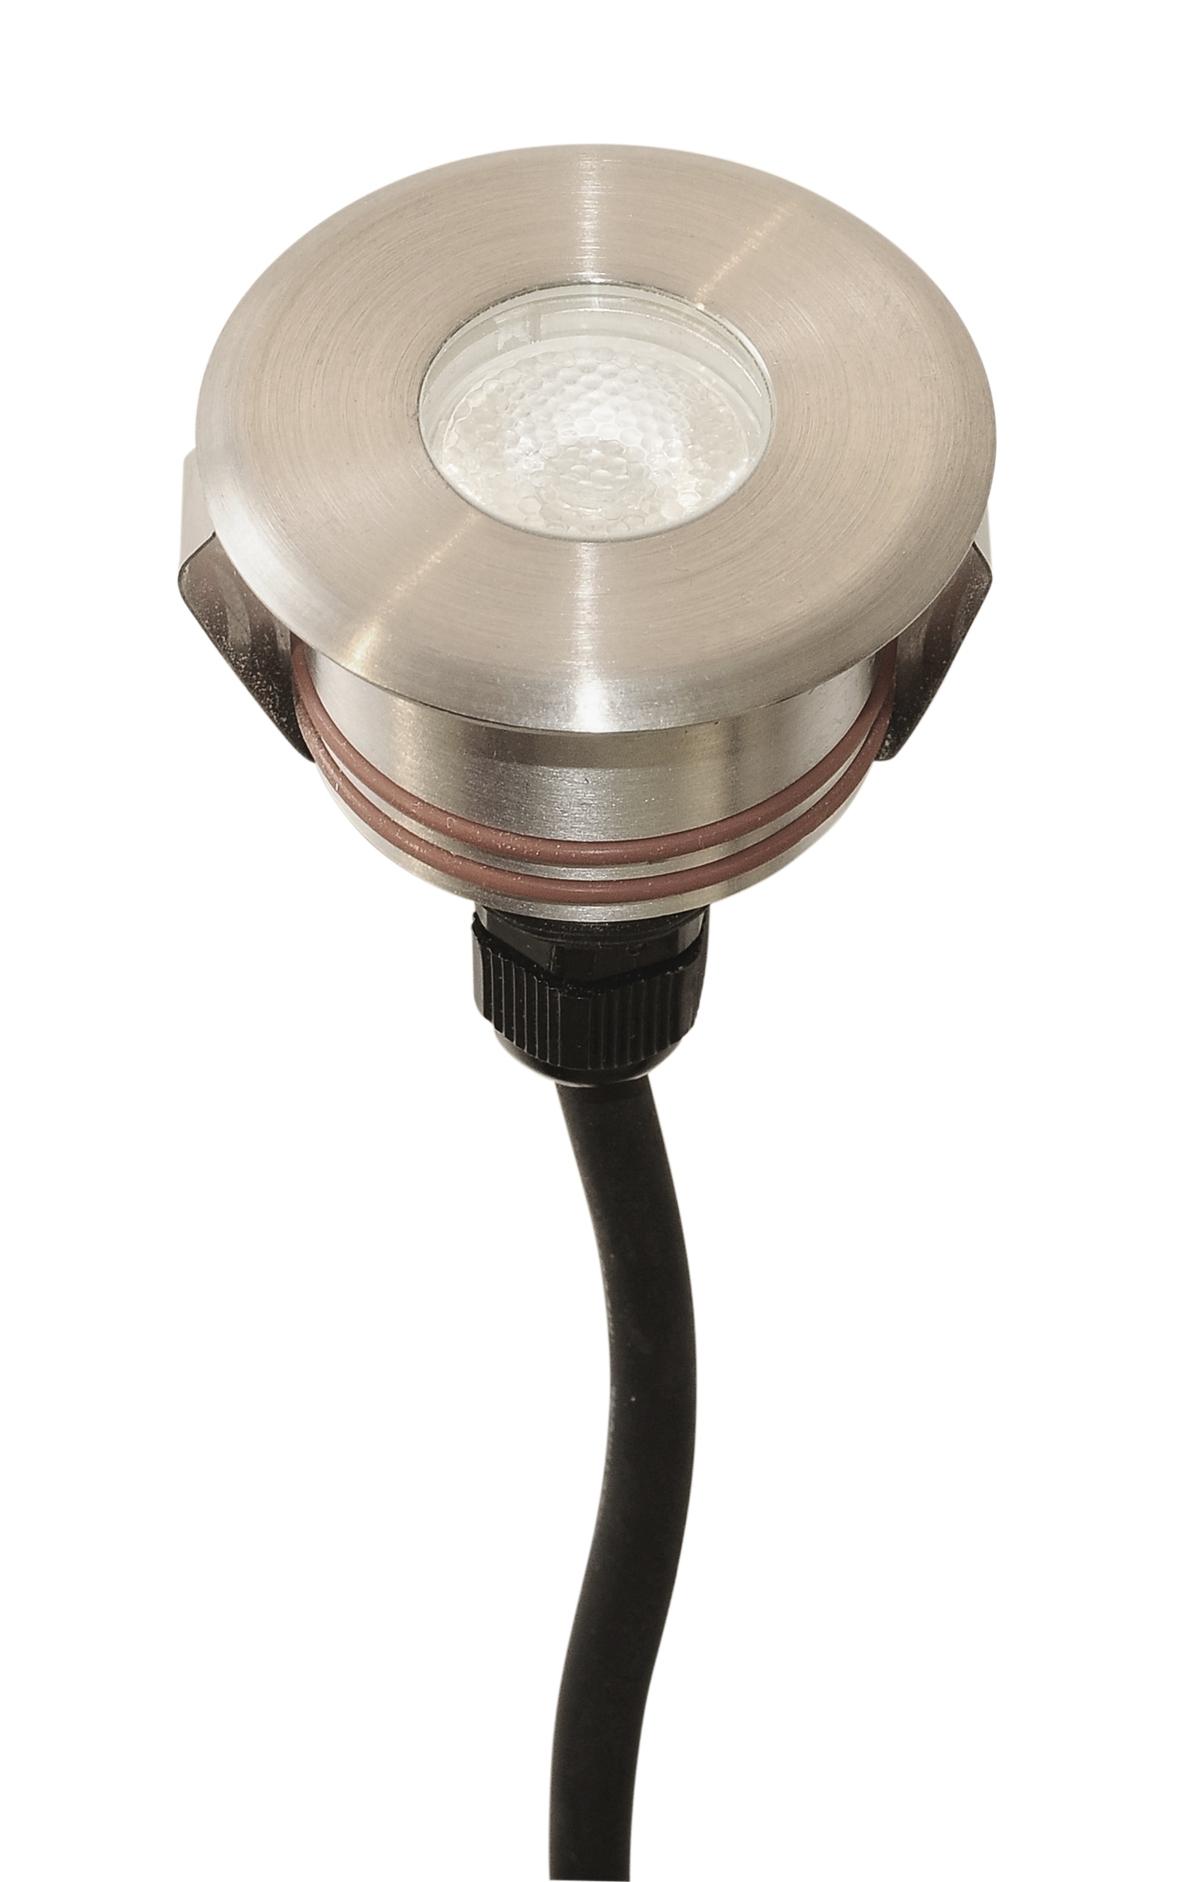 Led Light Design: Best Outdoor Recessed Led Lighting Led Ceiling In Outdoor Led Recessed Ceiling Lights (#5 of 15)